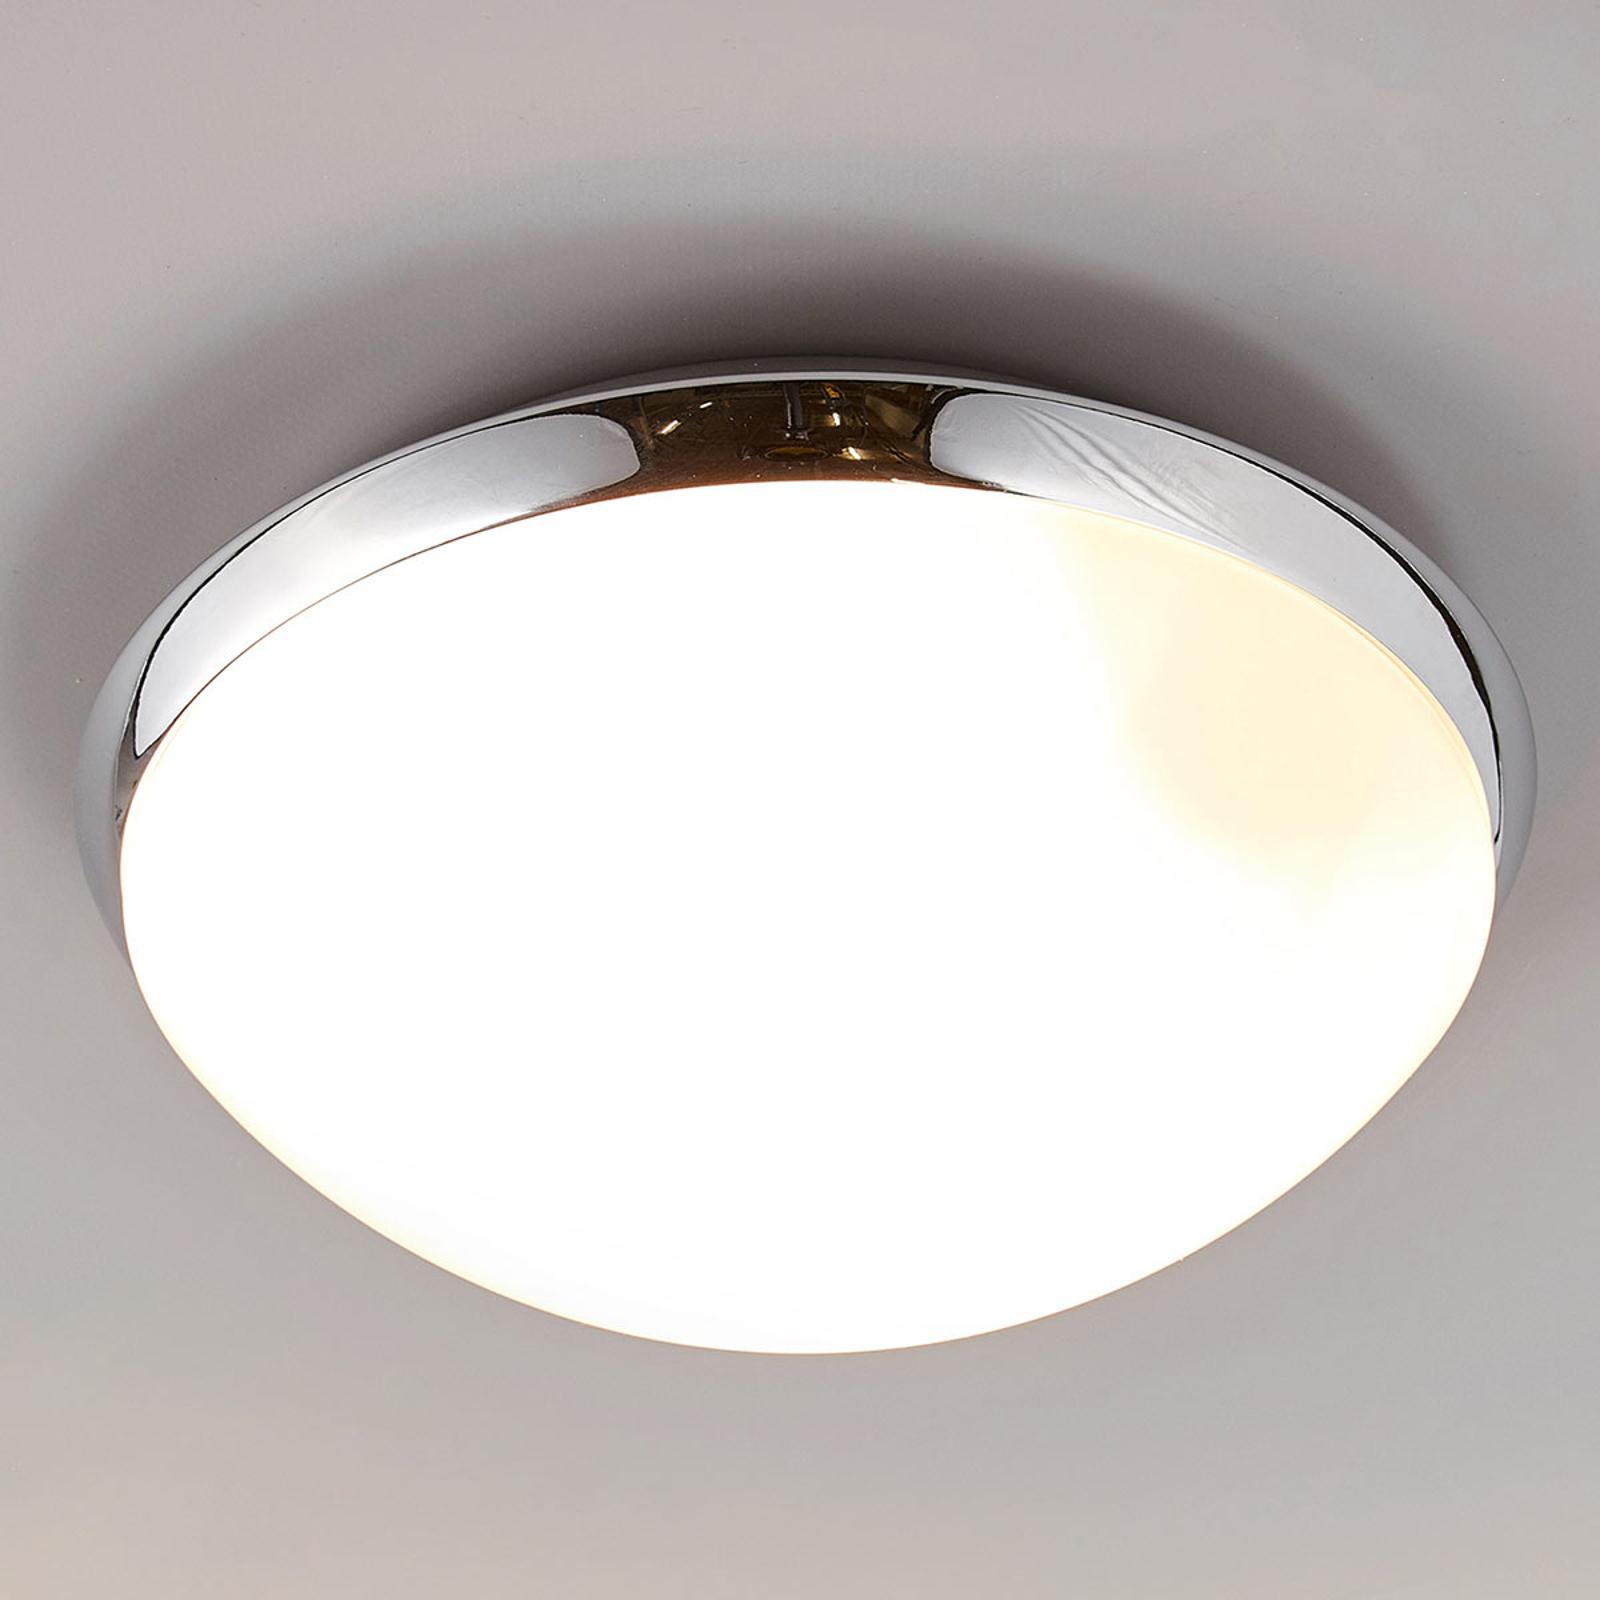 Łazienkowa lampa sufitowa Mijo, chromowana, IP44